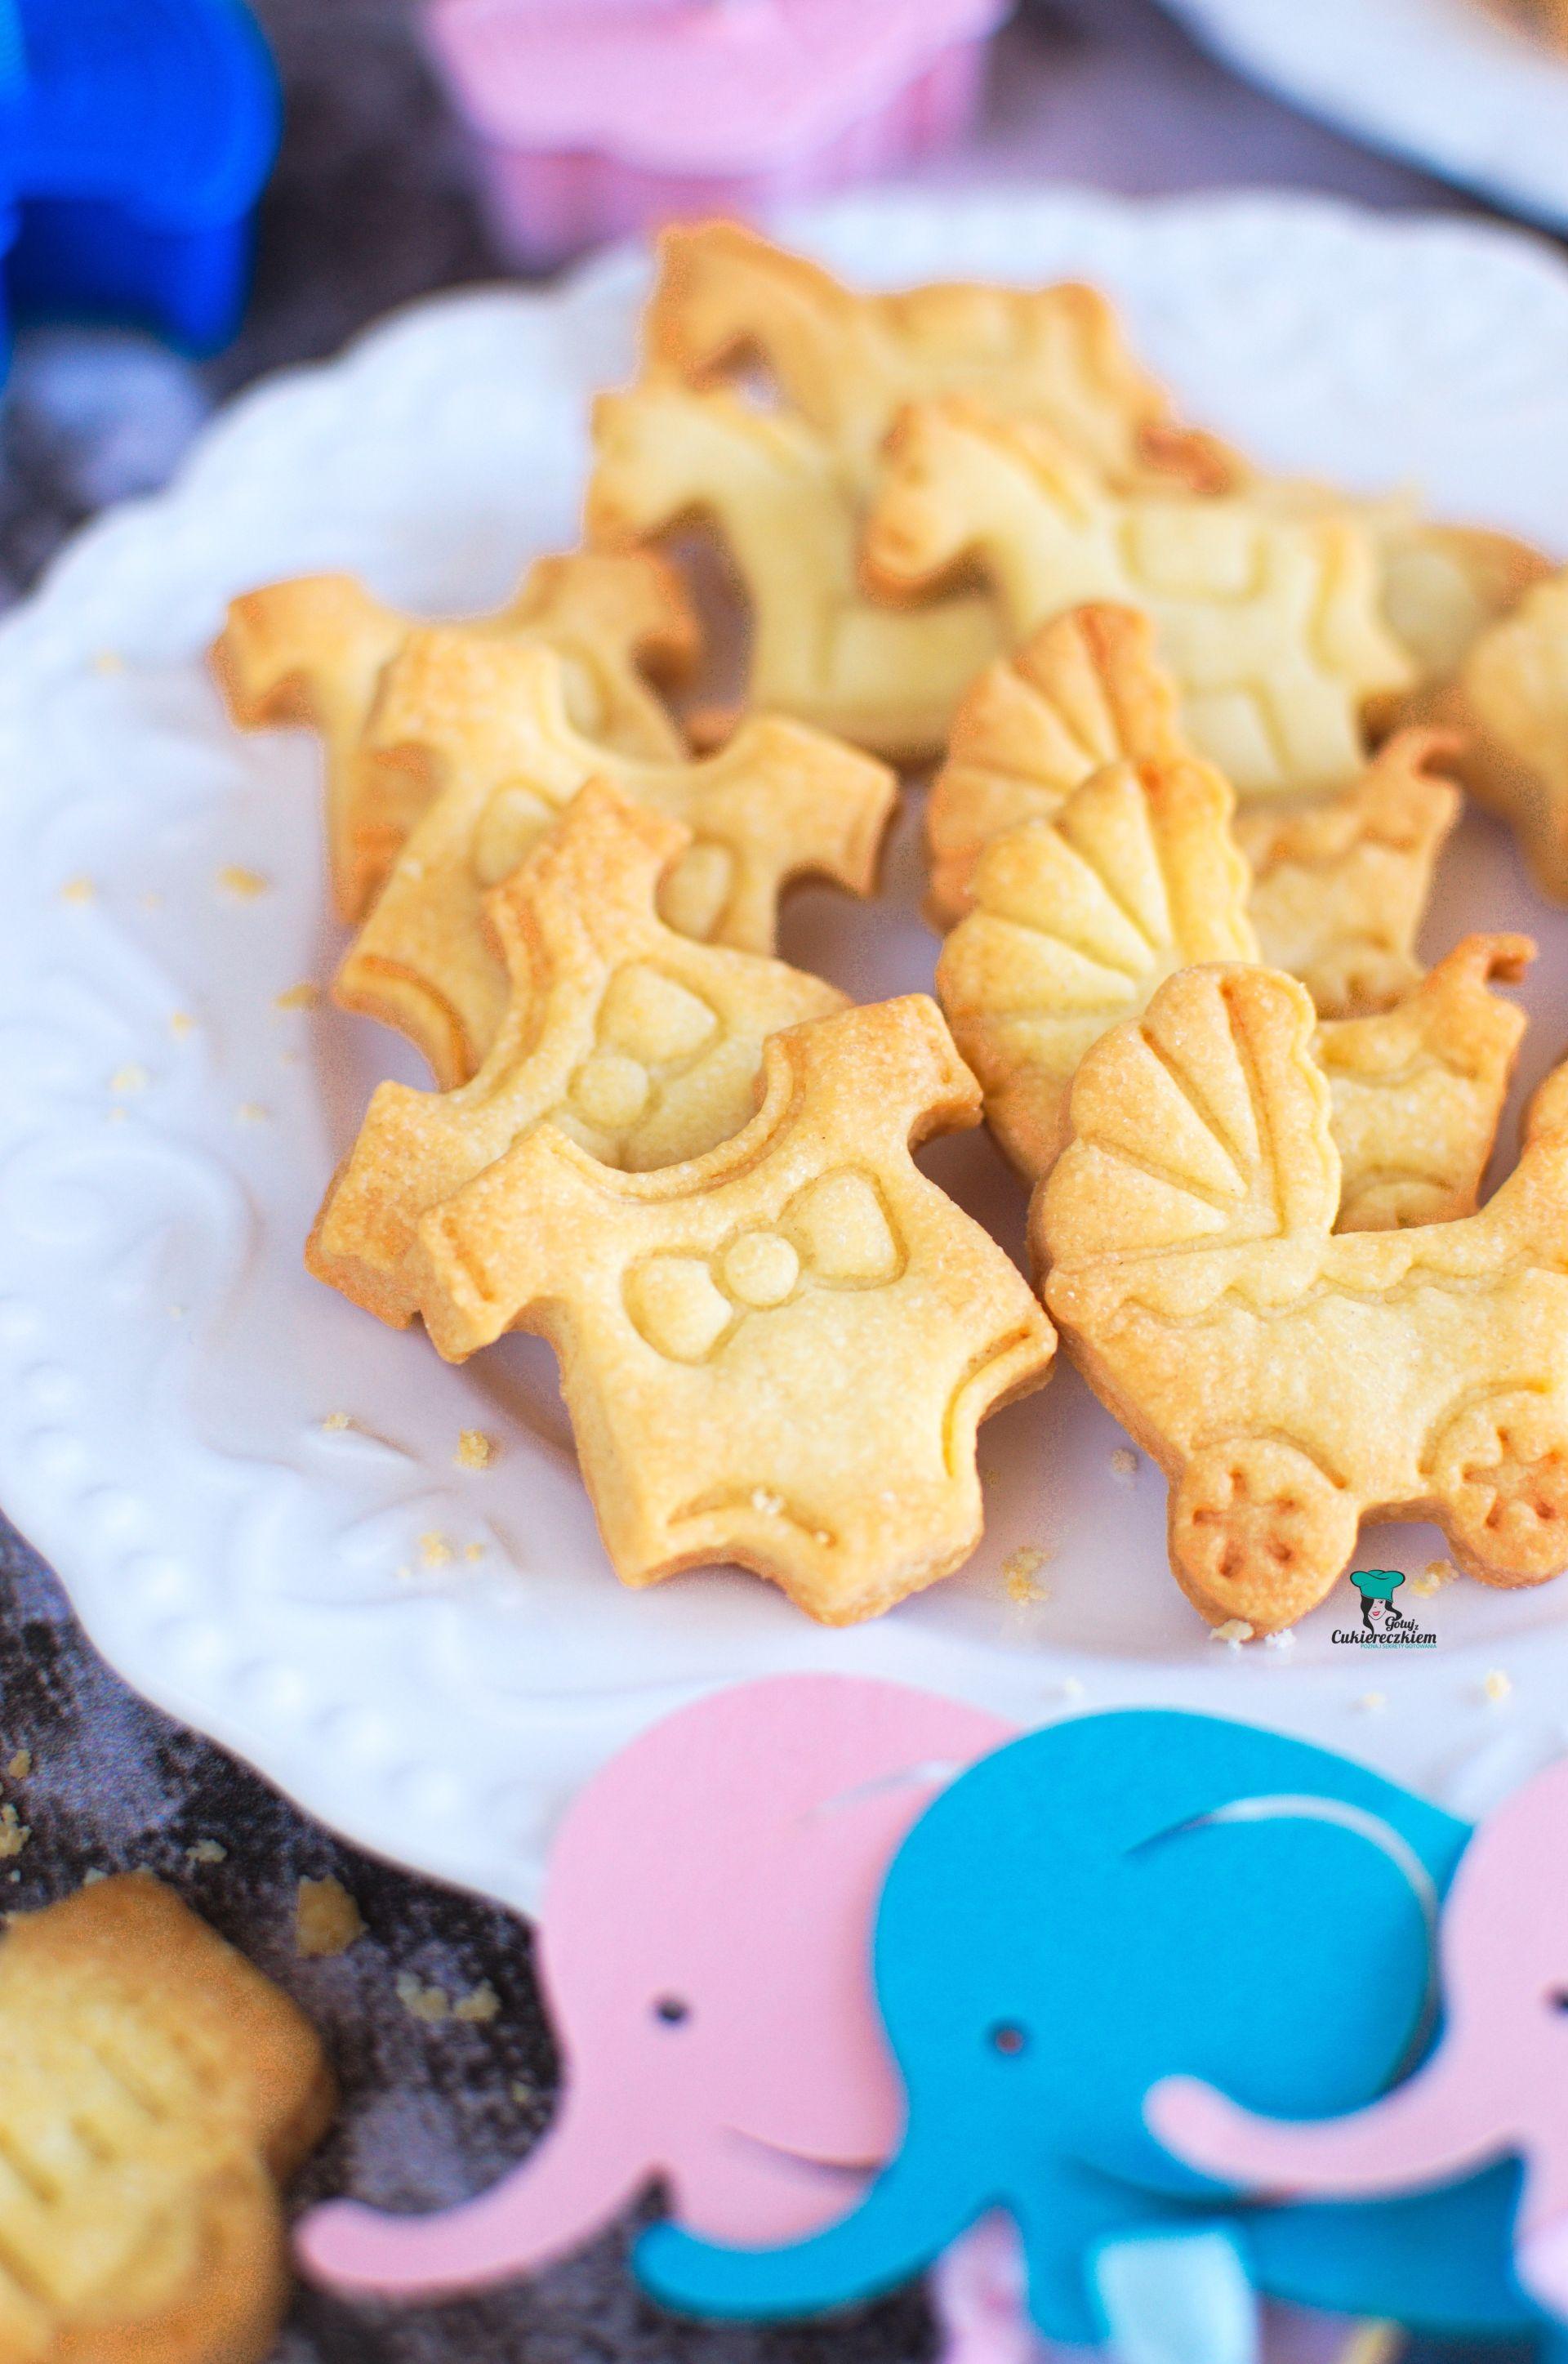 Kruche maślane ciasteczka (idealne do stempelków)